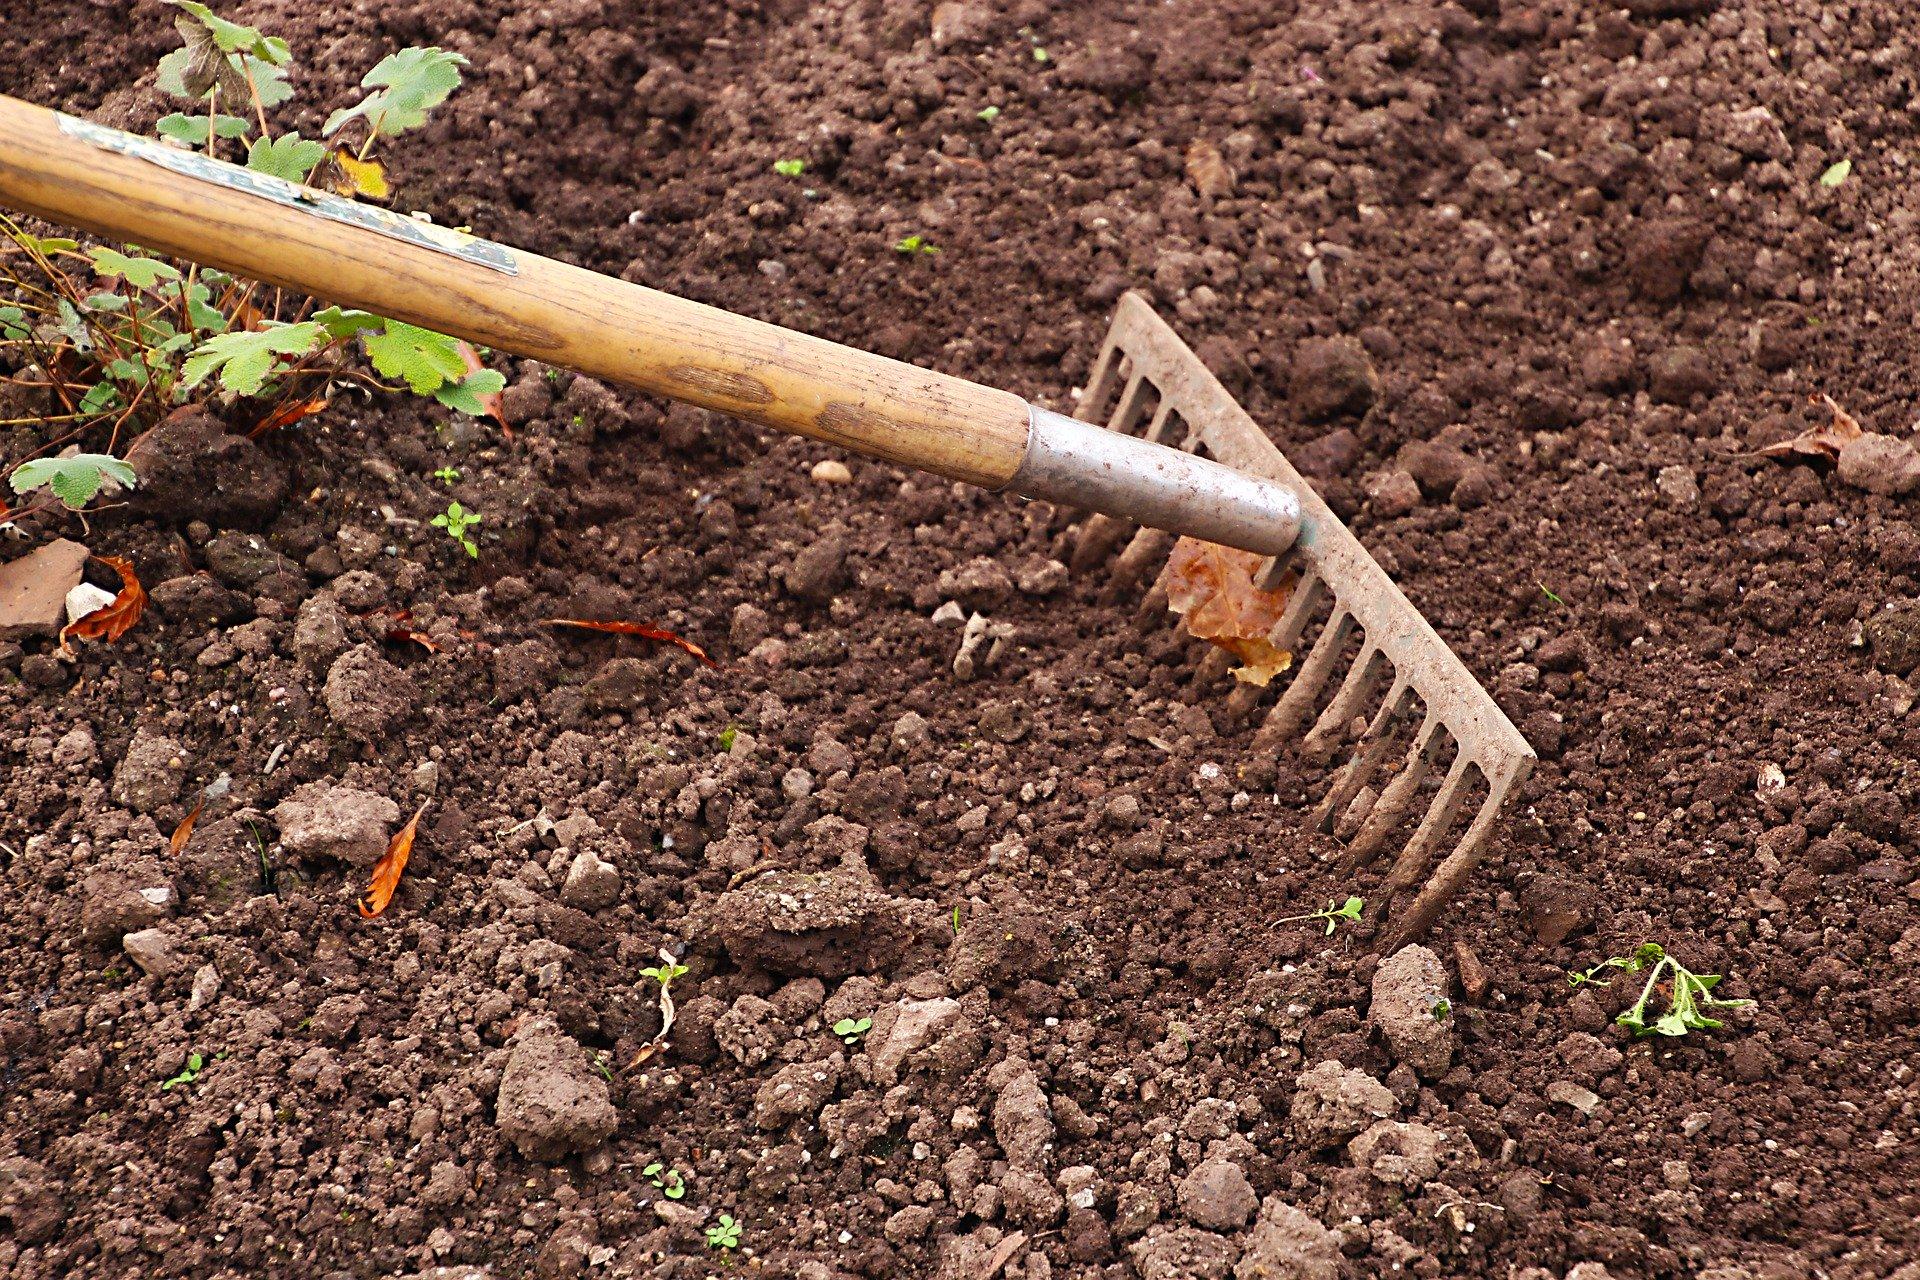 Spulchnianie ziemi w ogródku przy pomocy grabii